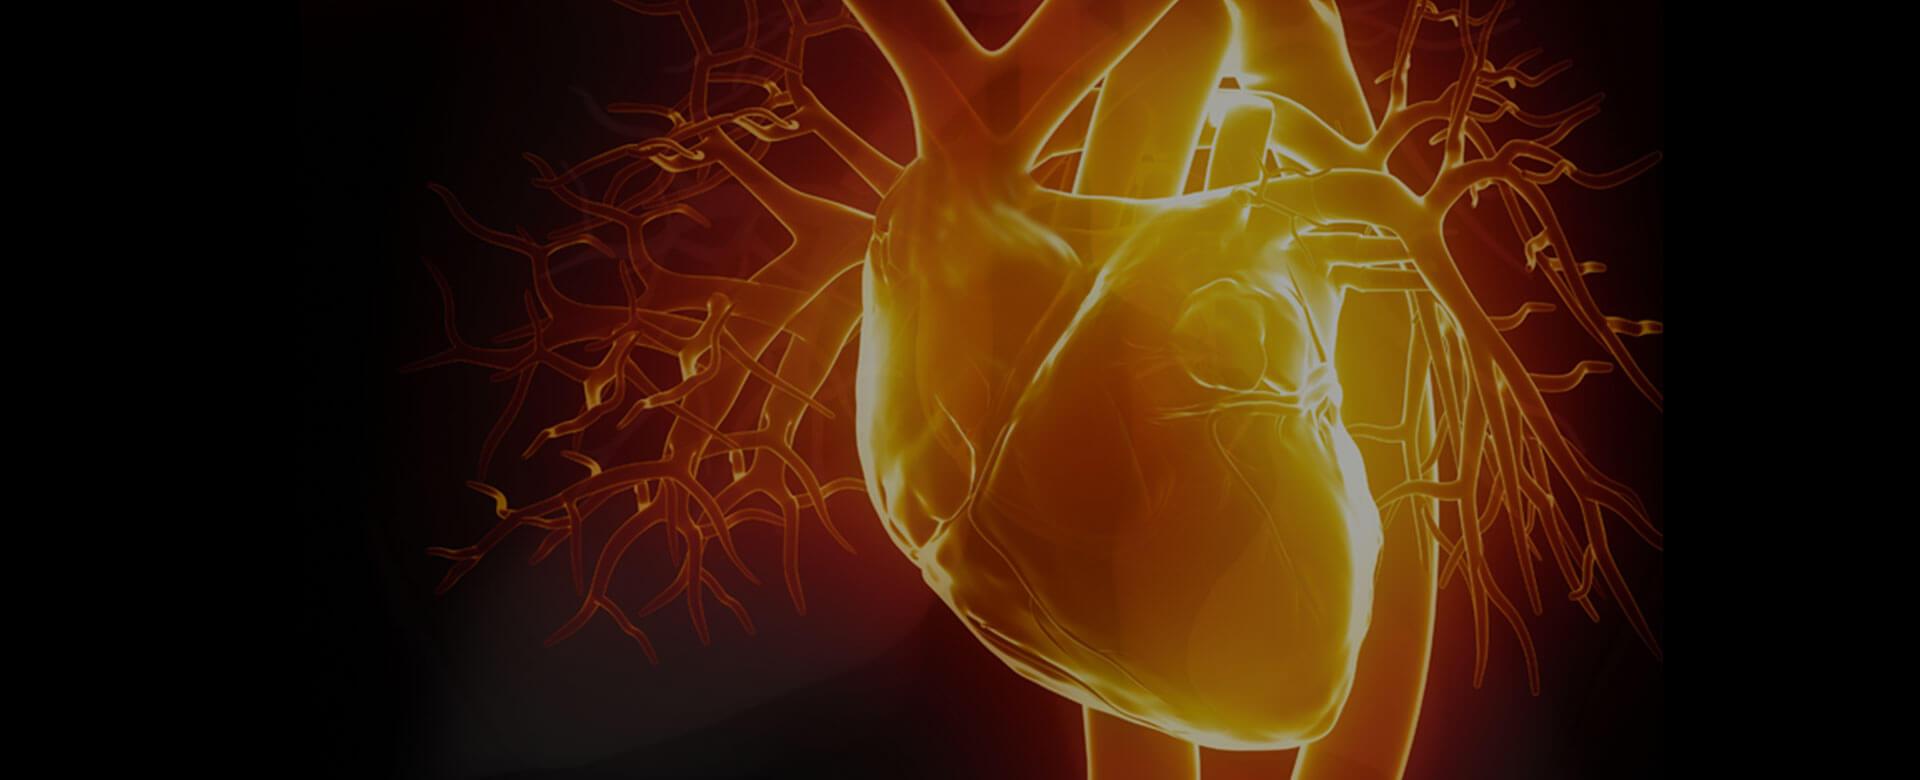 Attenzione all'infiammazione cronica: aumenta il rischio di morire precocemente